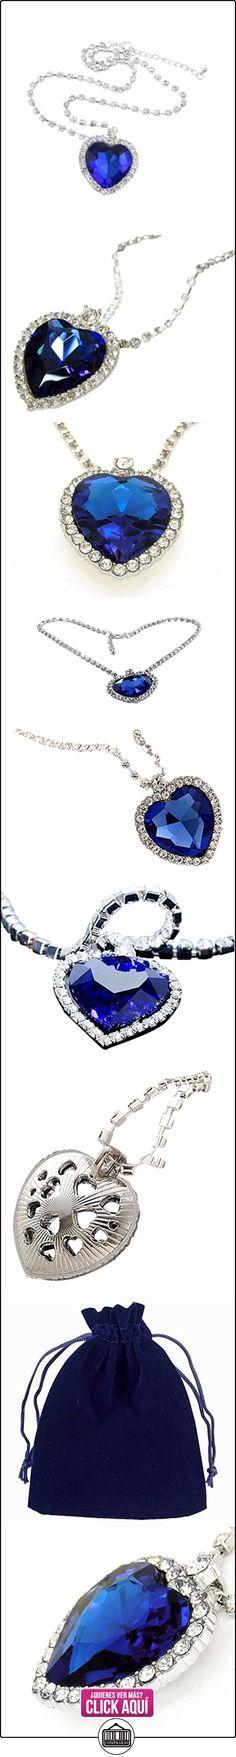 Titanic corazón del océano collar de réplica azul con corazón de cristal blanco Juego de cristal cadena  ✿ Joyas para mujer - Las mejores ofertas ✿ ▬► Ver oferta: http://comprar.io/goto/B015PM3NMY